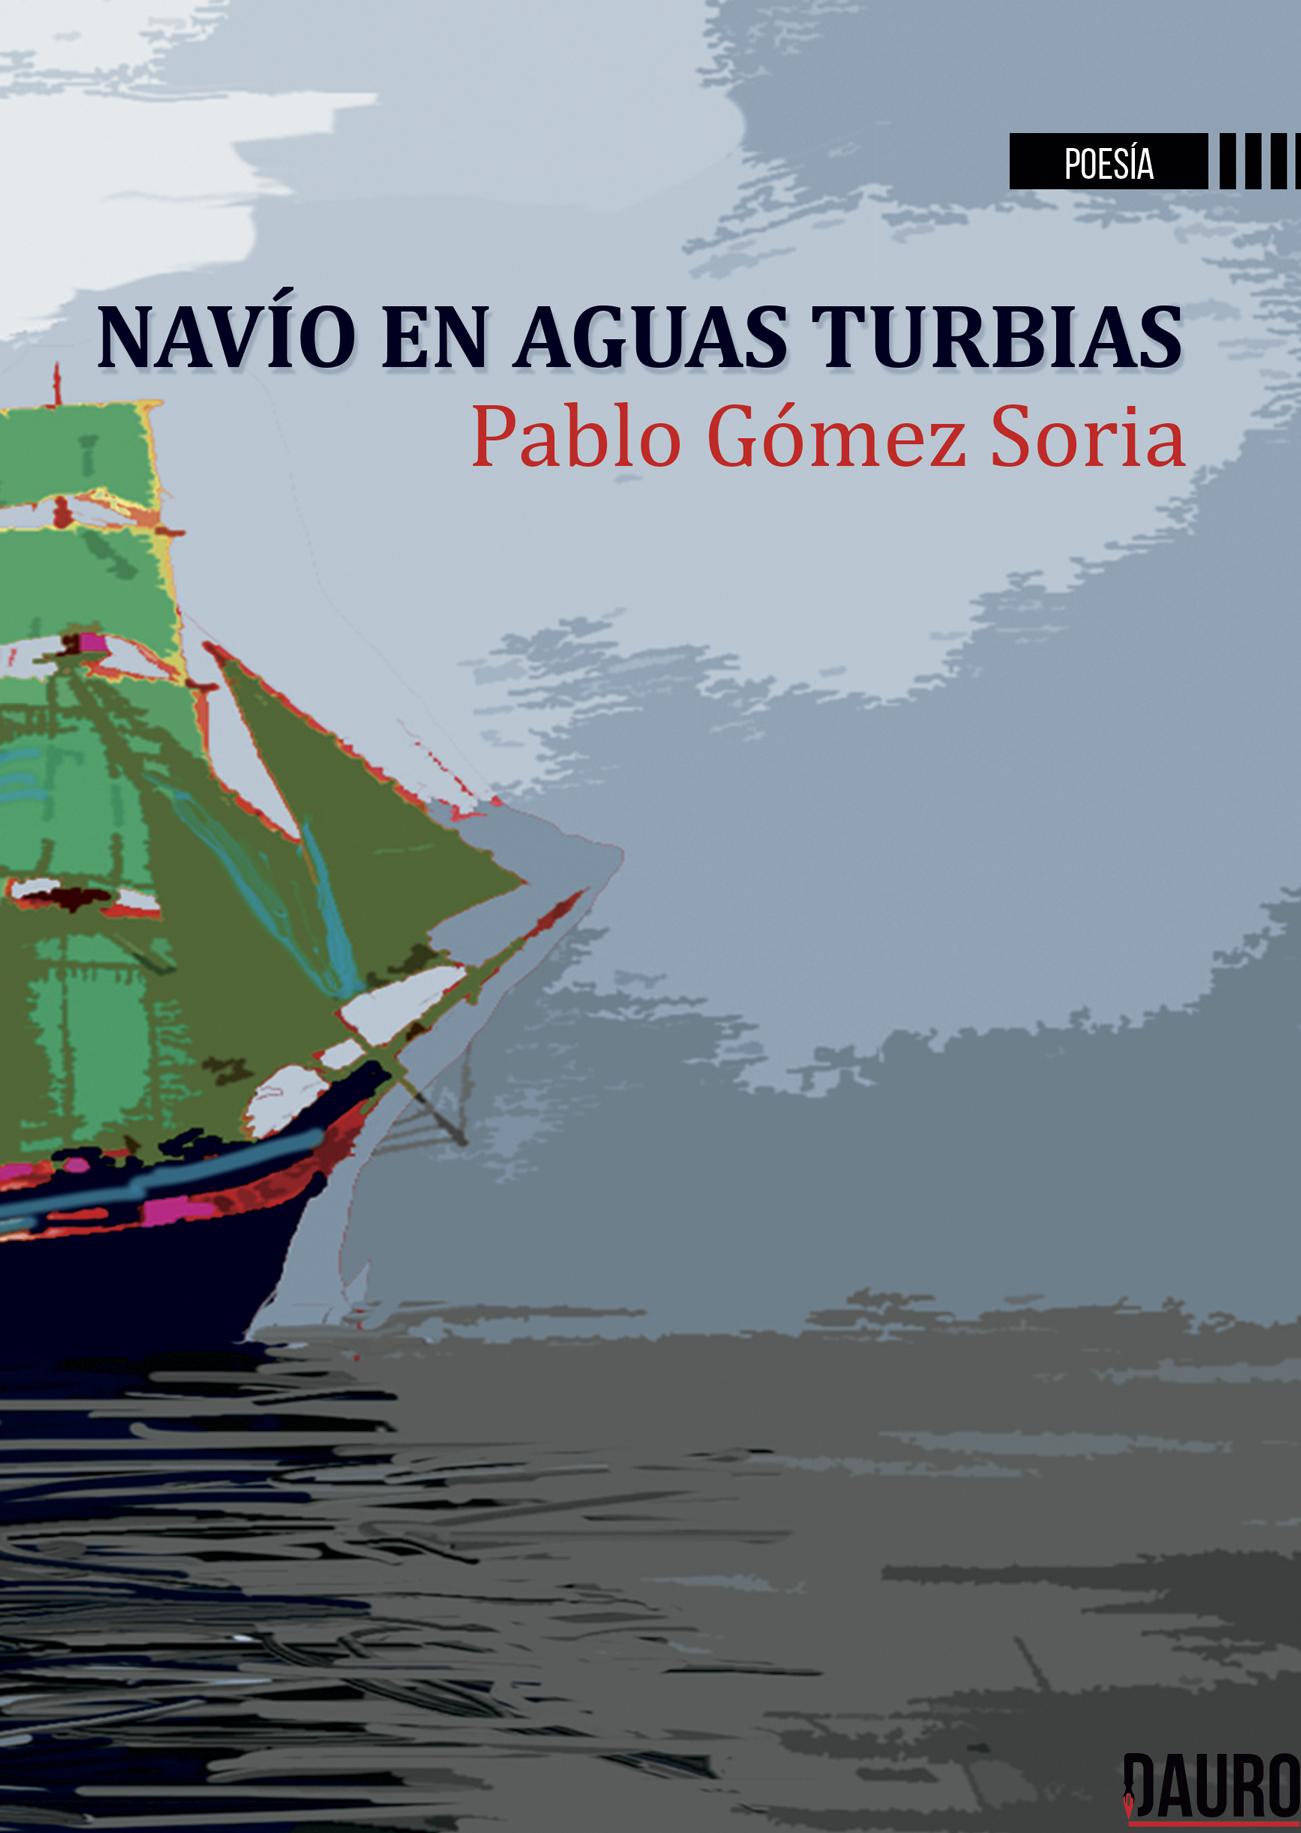 Navio en aguas turbias